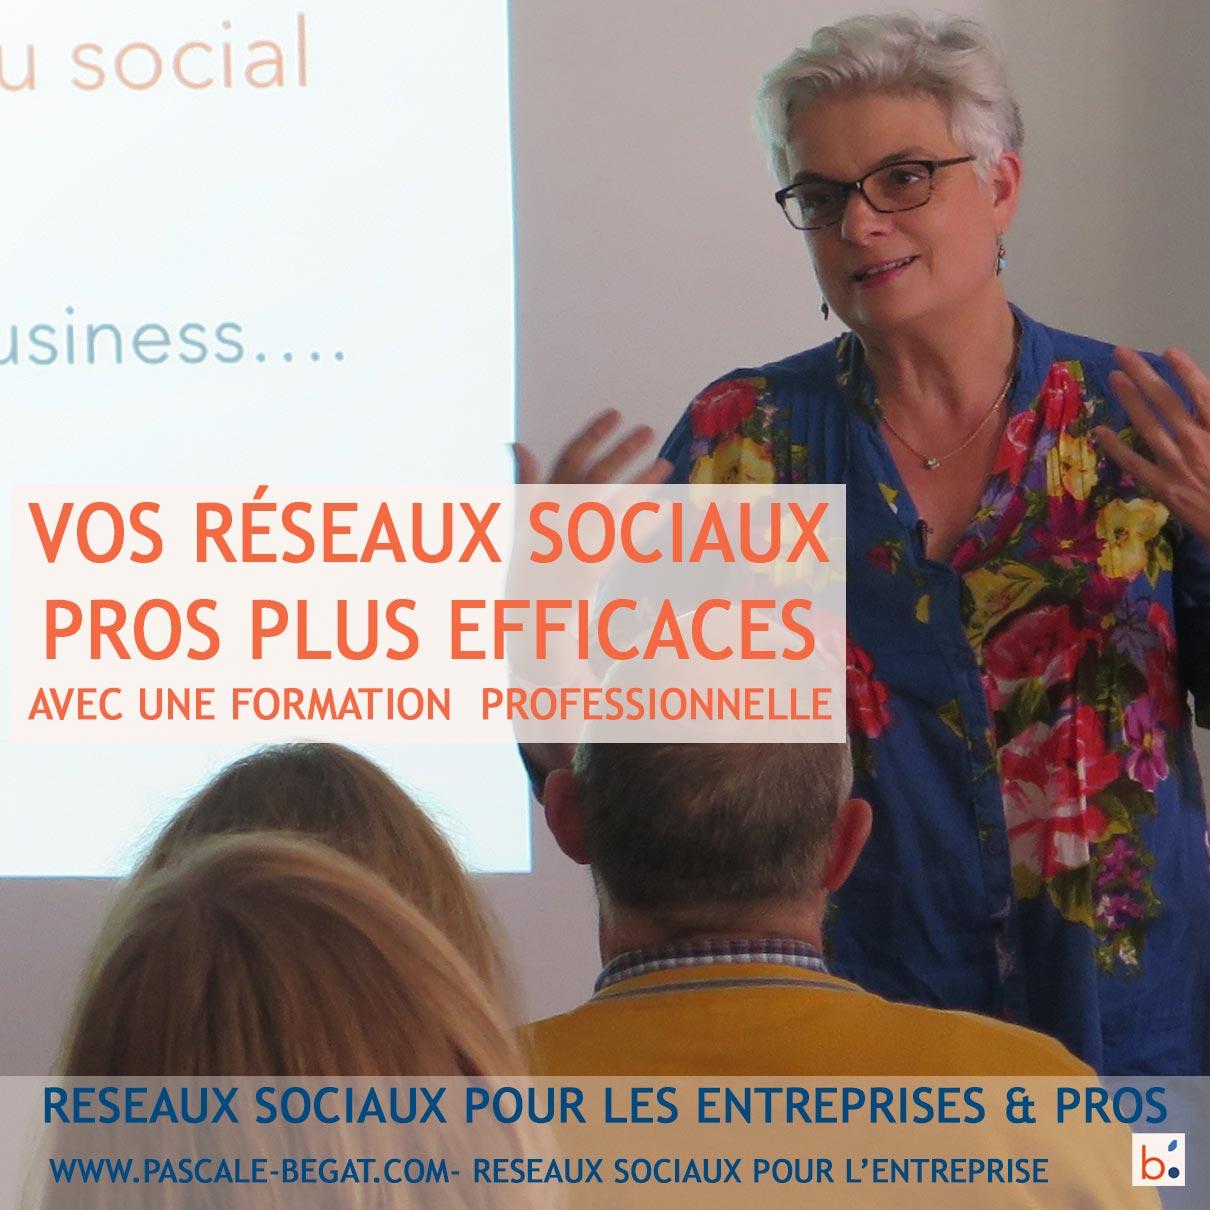 Formations réseaux sociaux Belfort- Franche-Comté